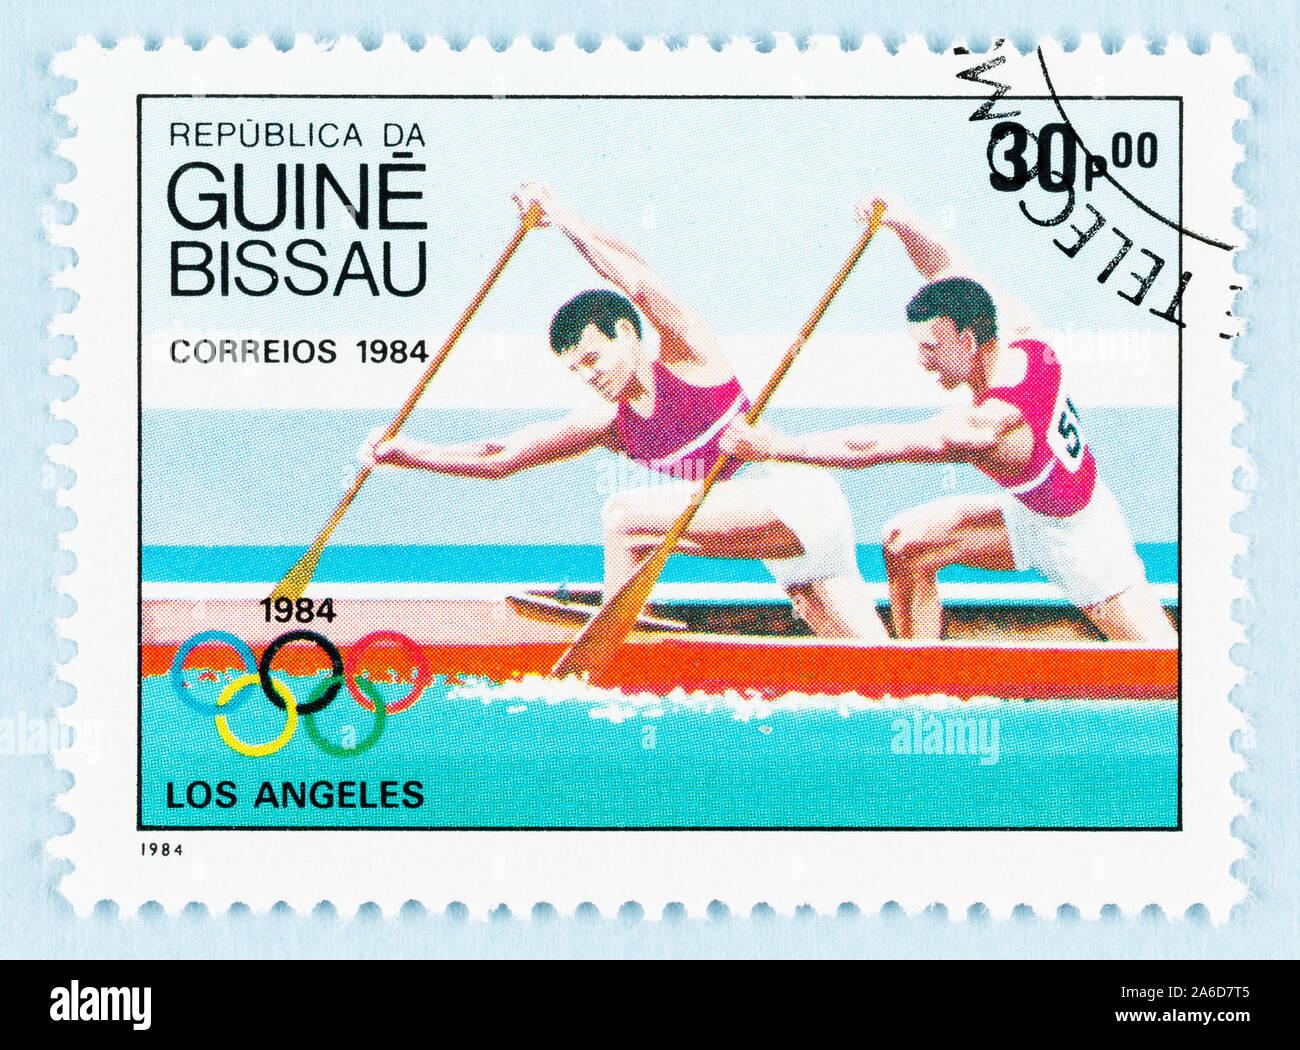 Cerca de sellos de Guinea Bissau, con remaban de 1984 Los Ángeles Olímpicos. Foto de stock